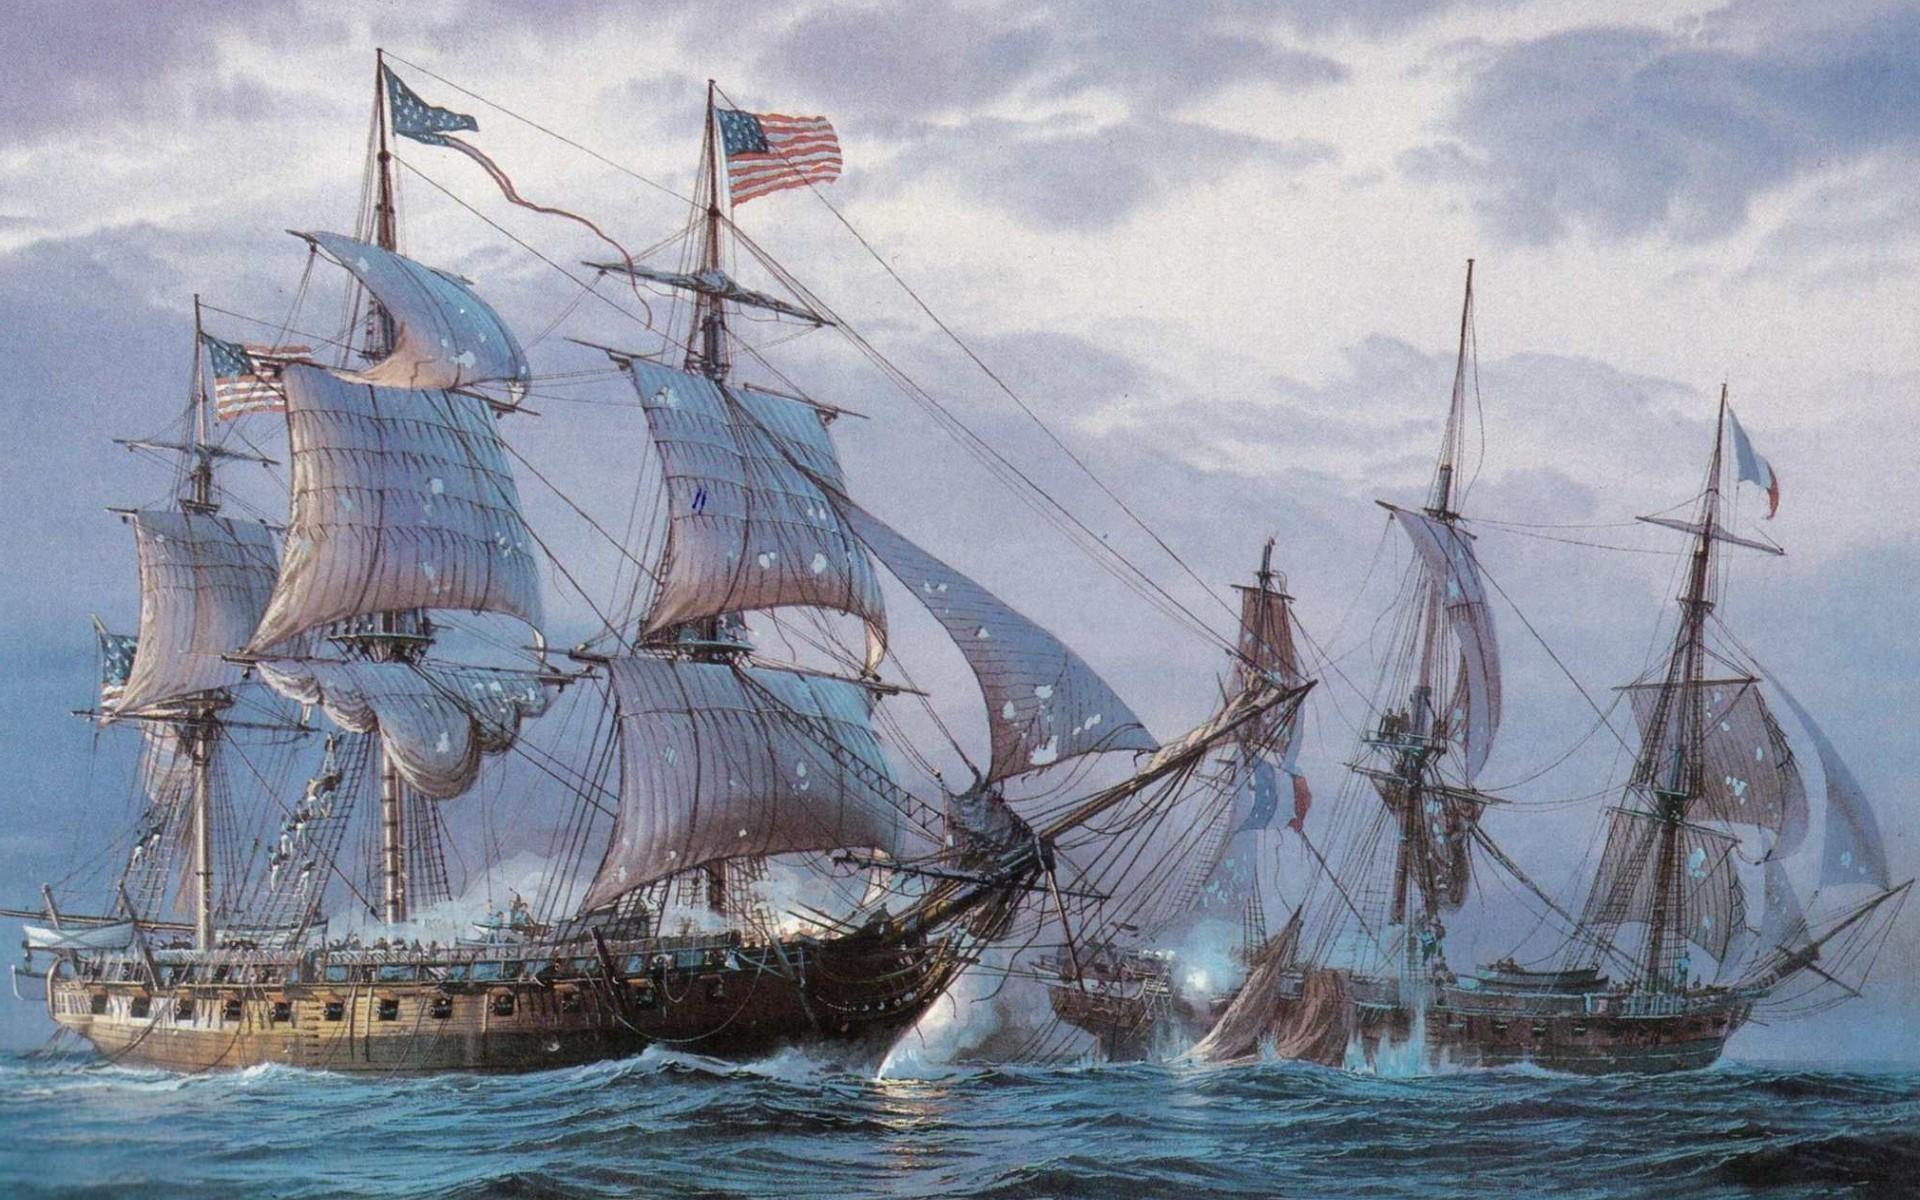 Masaüstü Boyama Yelkenli Gemi Deniz Araç Amerikan Bayrağı